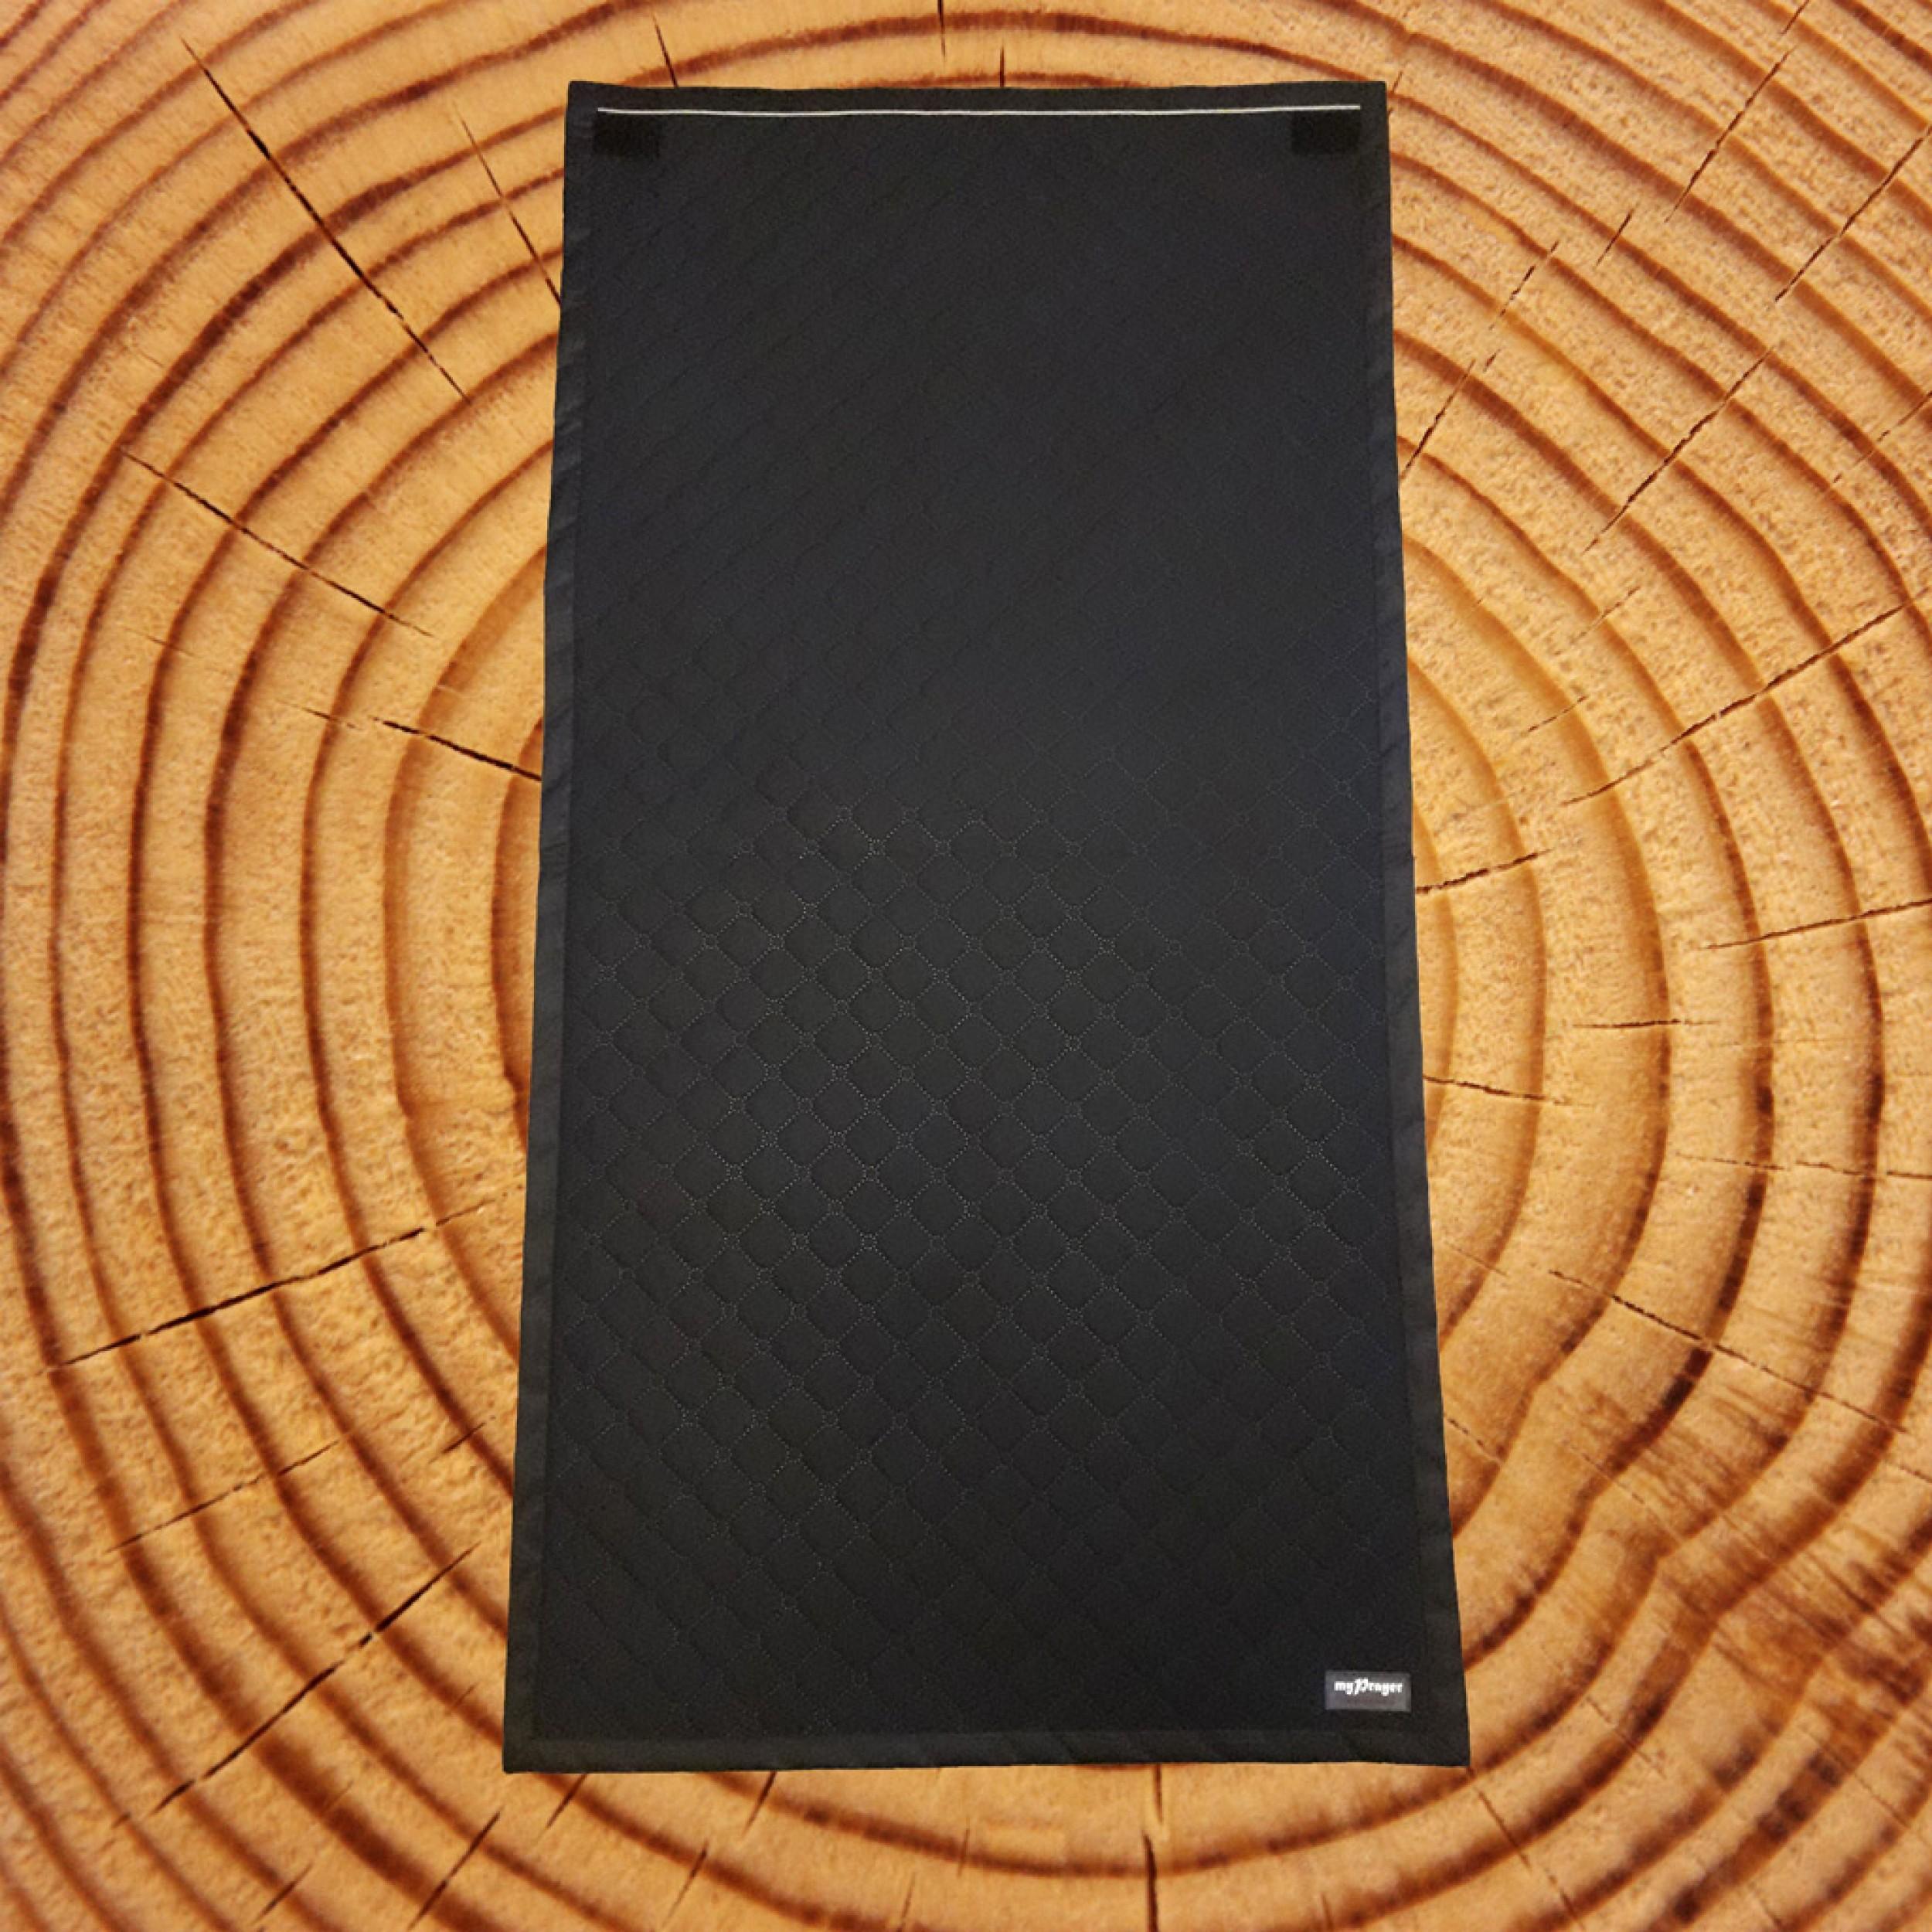 Чёрный непромокаемый коврик для молитвы размер 120x62)